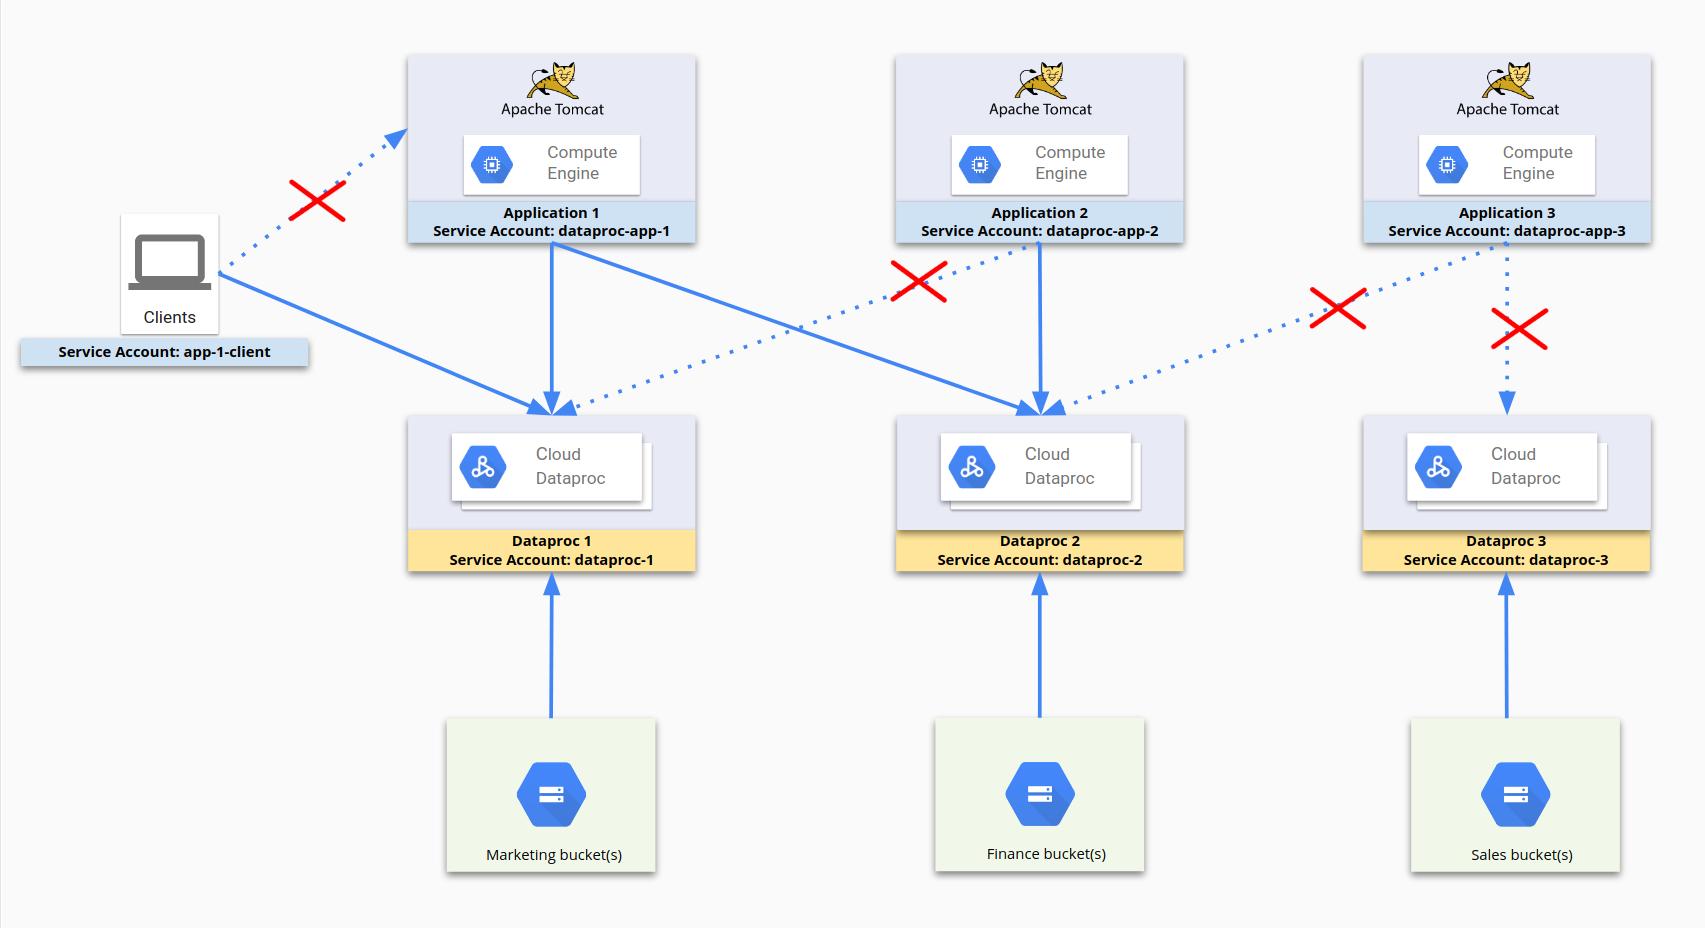 Como usar contas de serviço e regras de firewall para restringir o acesso a recursos